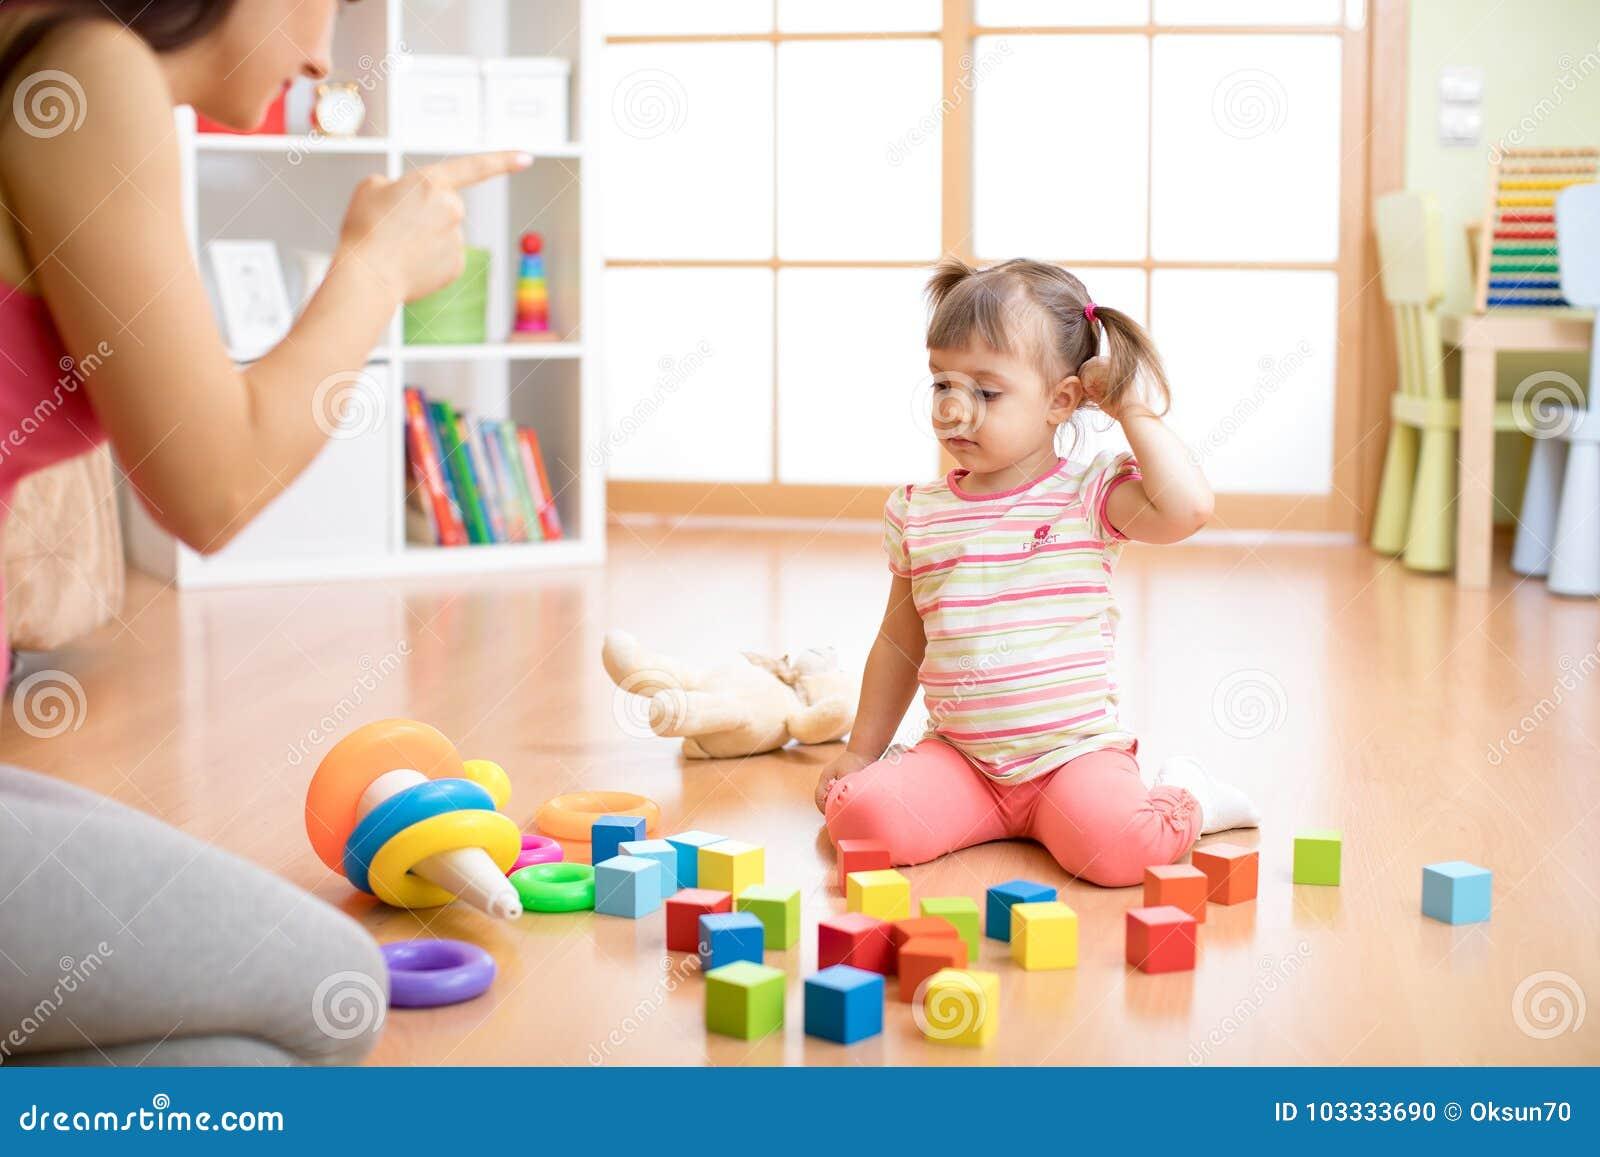 Будьте матерью видеть, что ее дочь играет поднимающее вверх игрушек грязное чувство живущей комнаты сердитое и критикует девушку